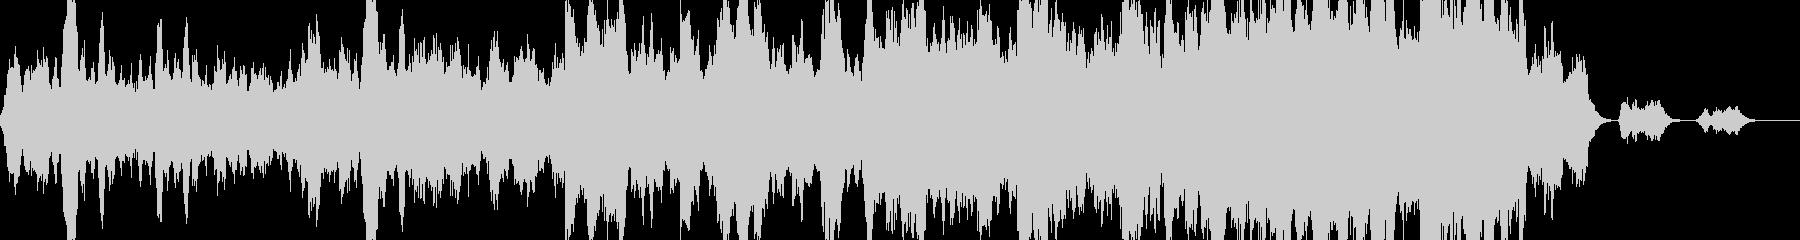 再会の場面で流れるストリングス曲の未再生の波形